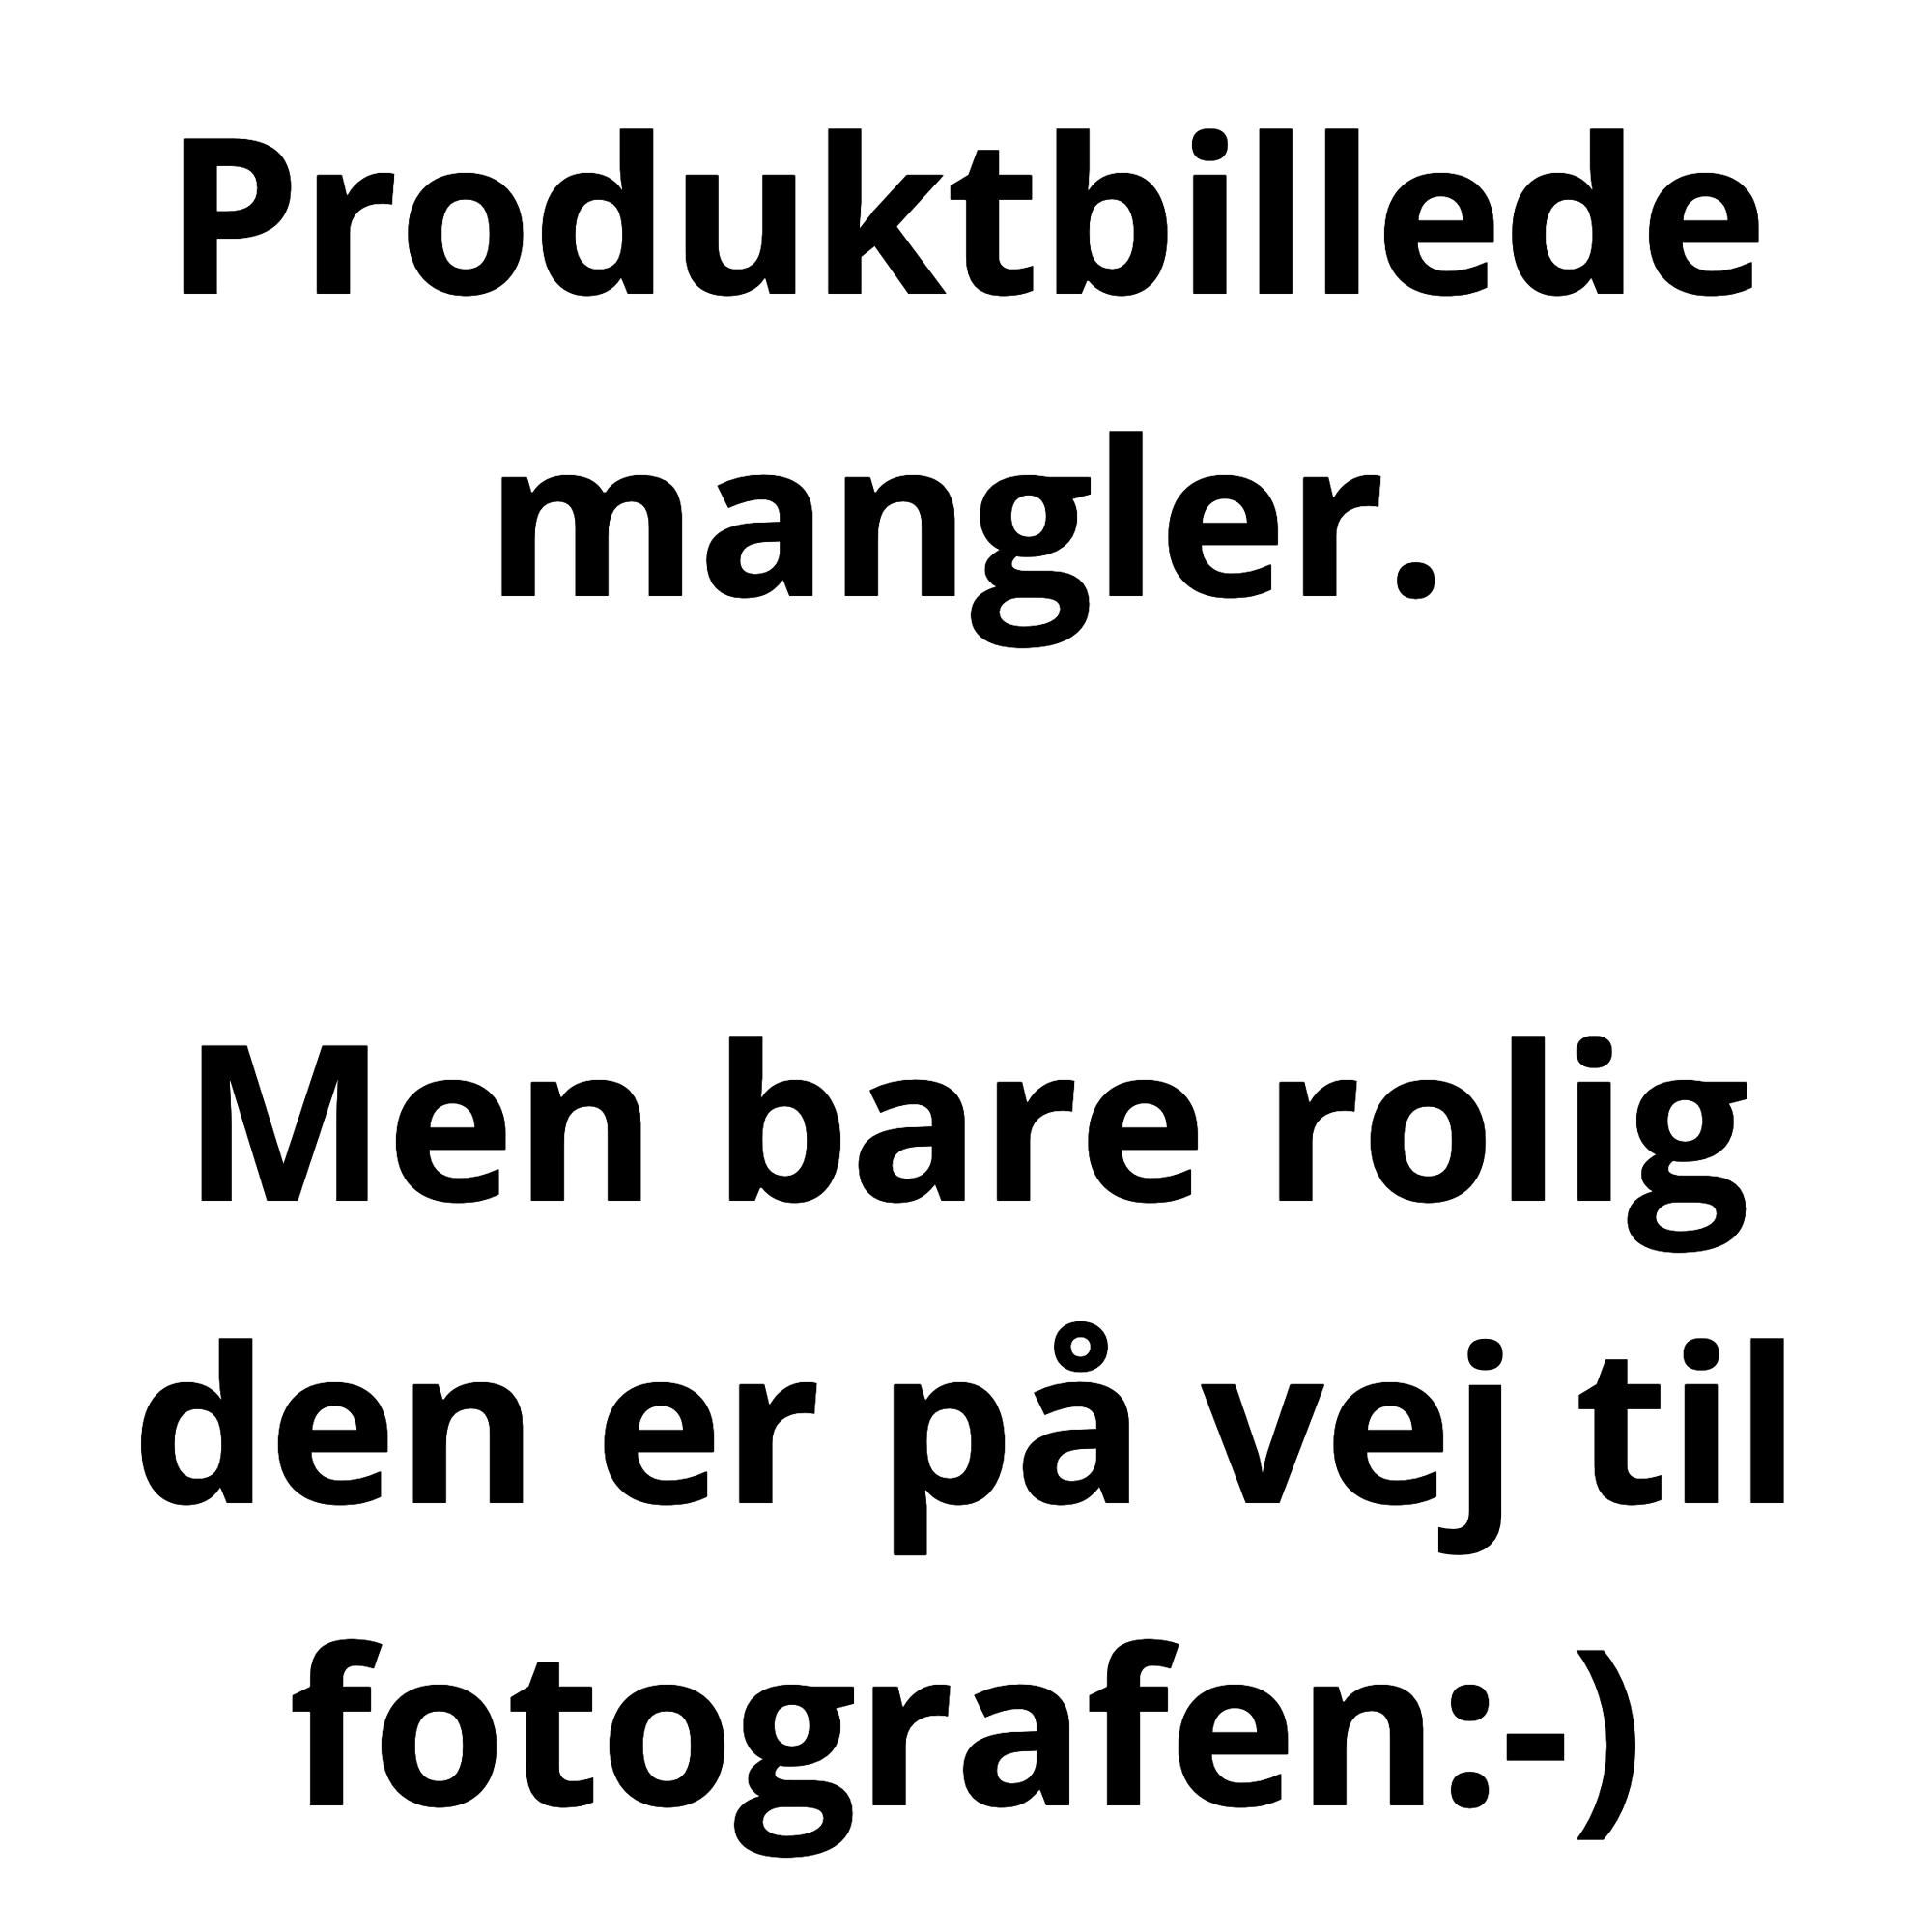 Brodit Aktiv Mobilholder med cigar adapter til Apple iPhone 5/5S/5C B:59-63 D:6-10mm - 521503